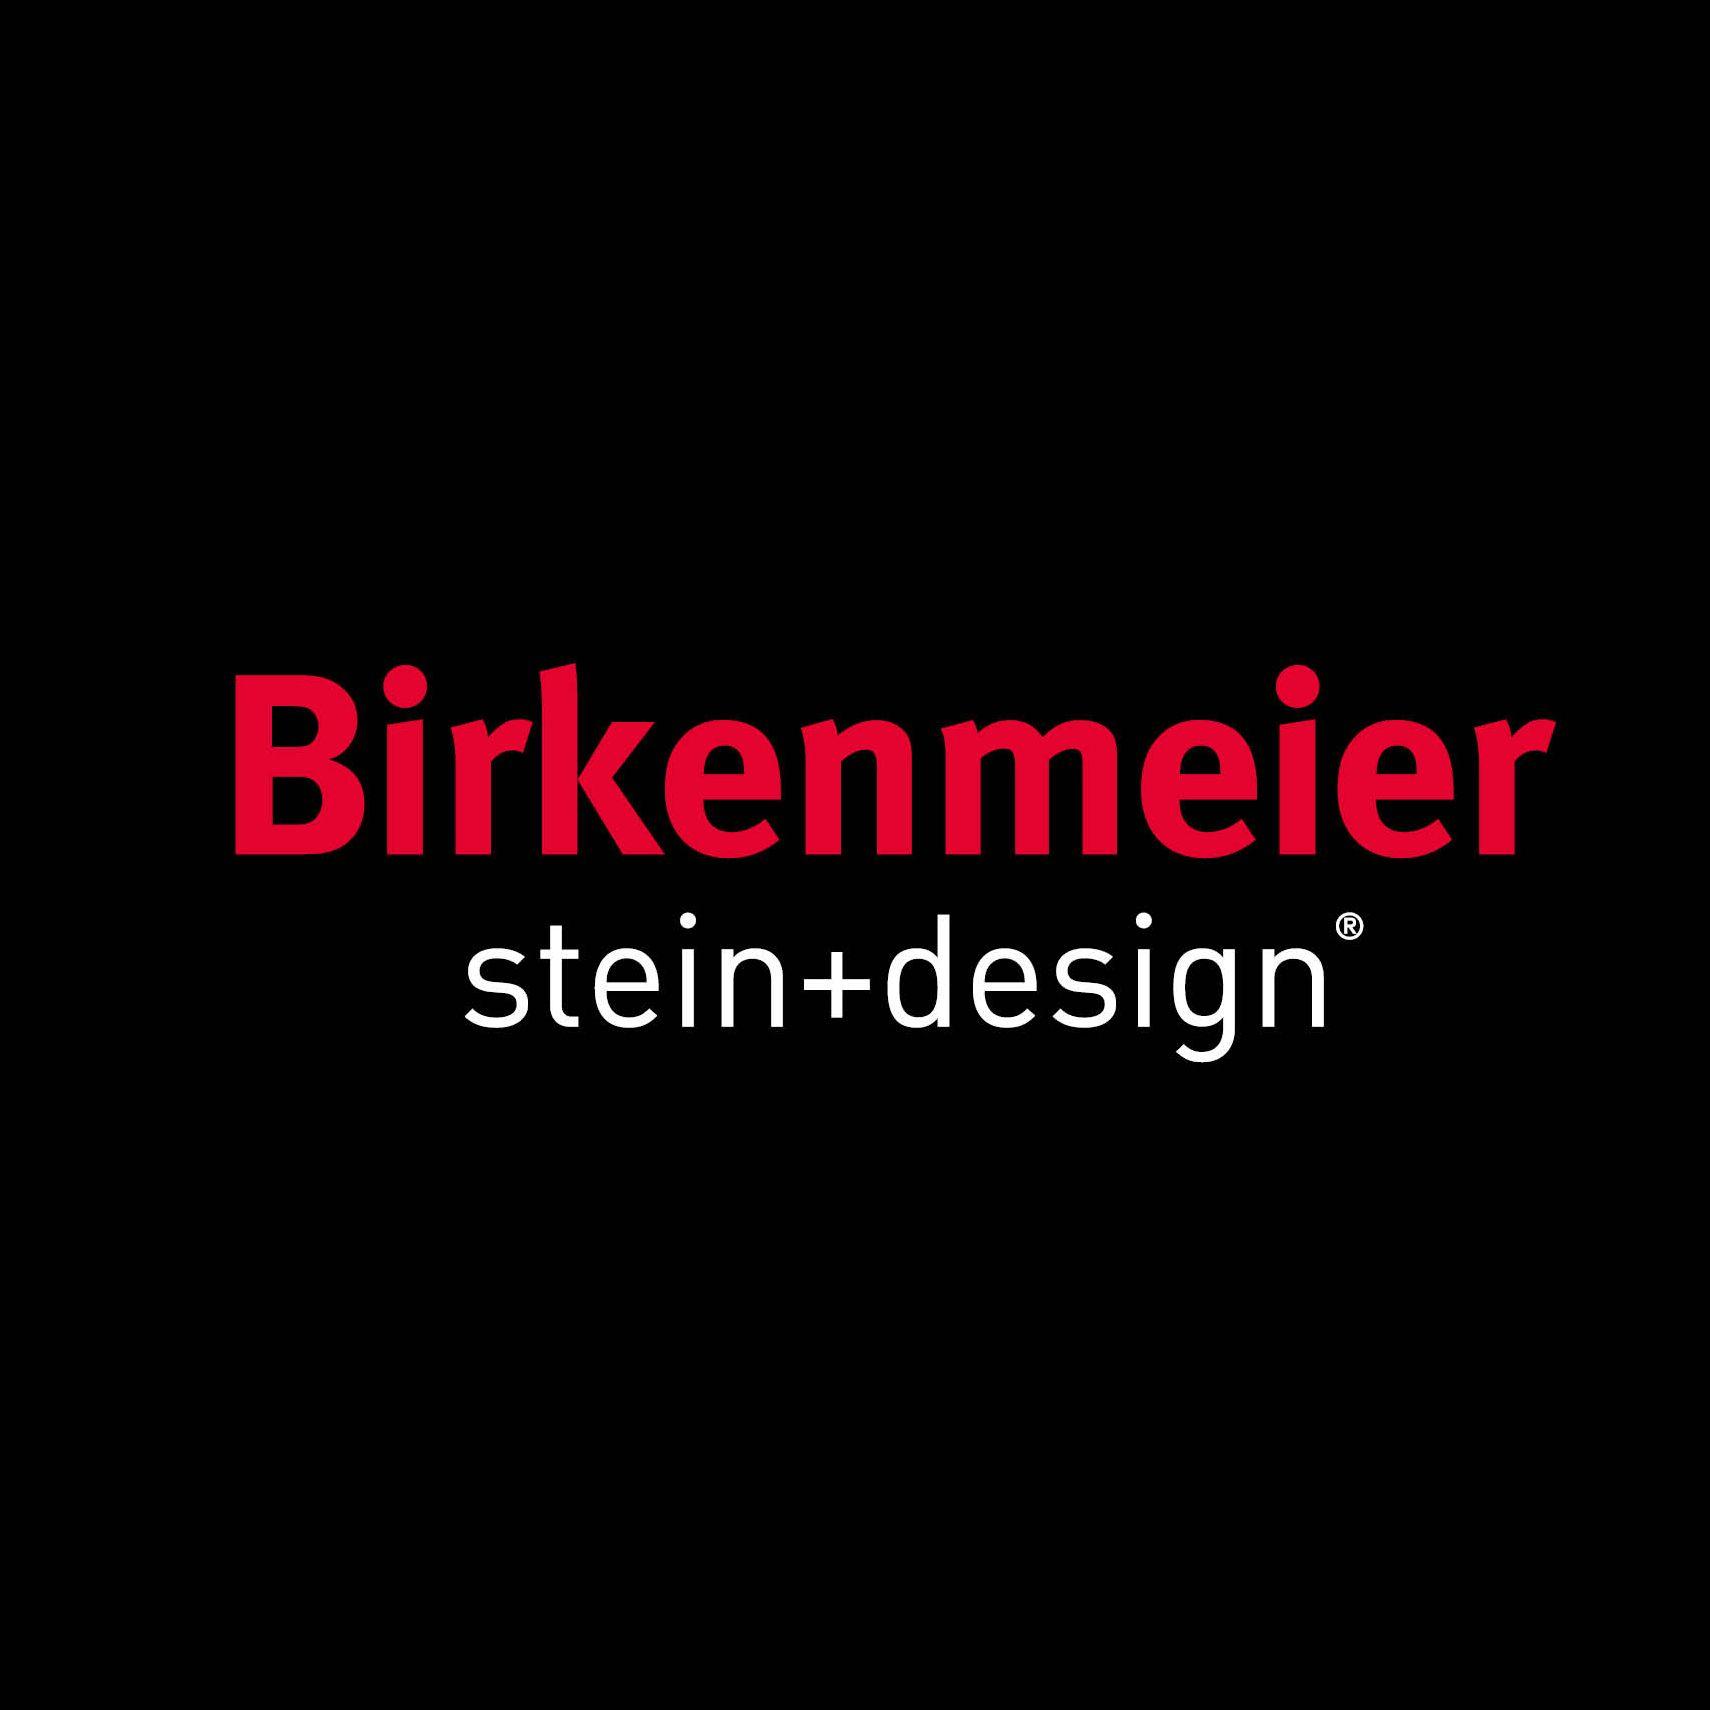 Birkenmeier Stein+Design GmbH